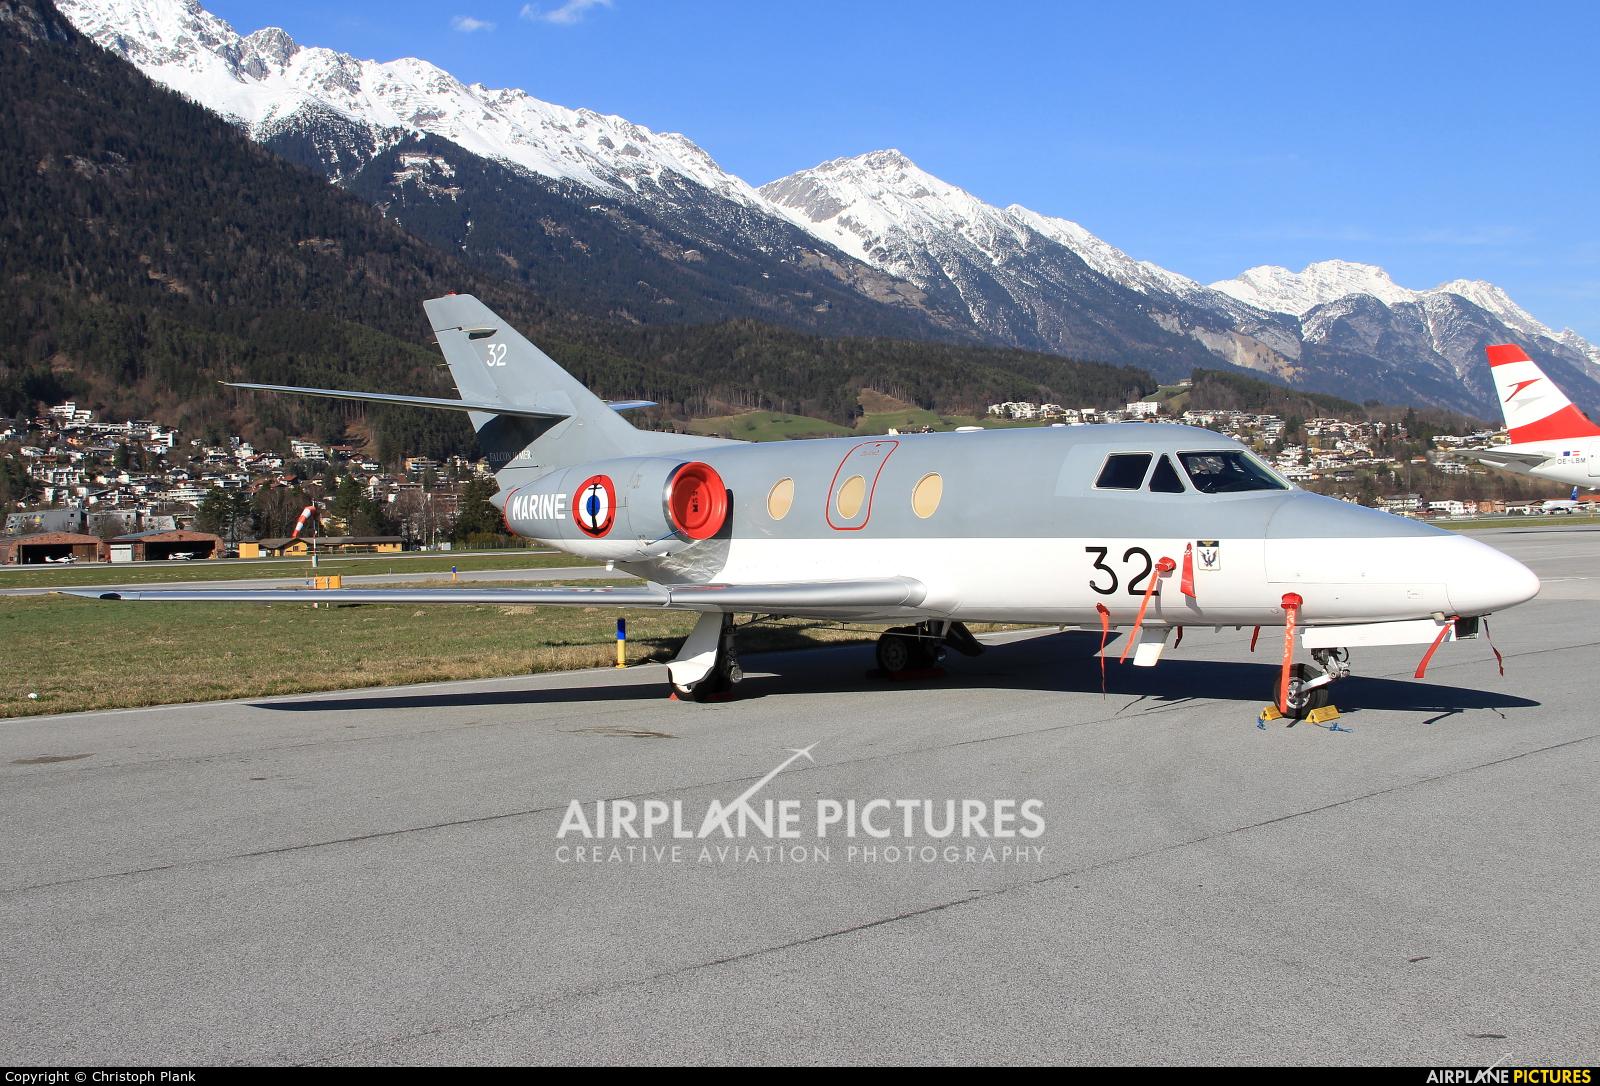 France - Navy 32 aircraft at Innsbruck